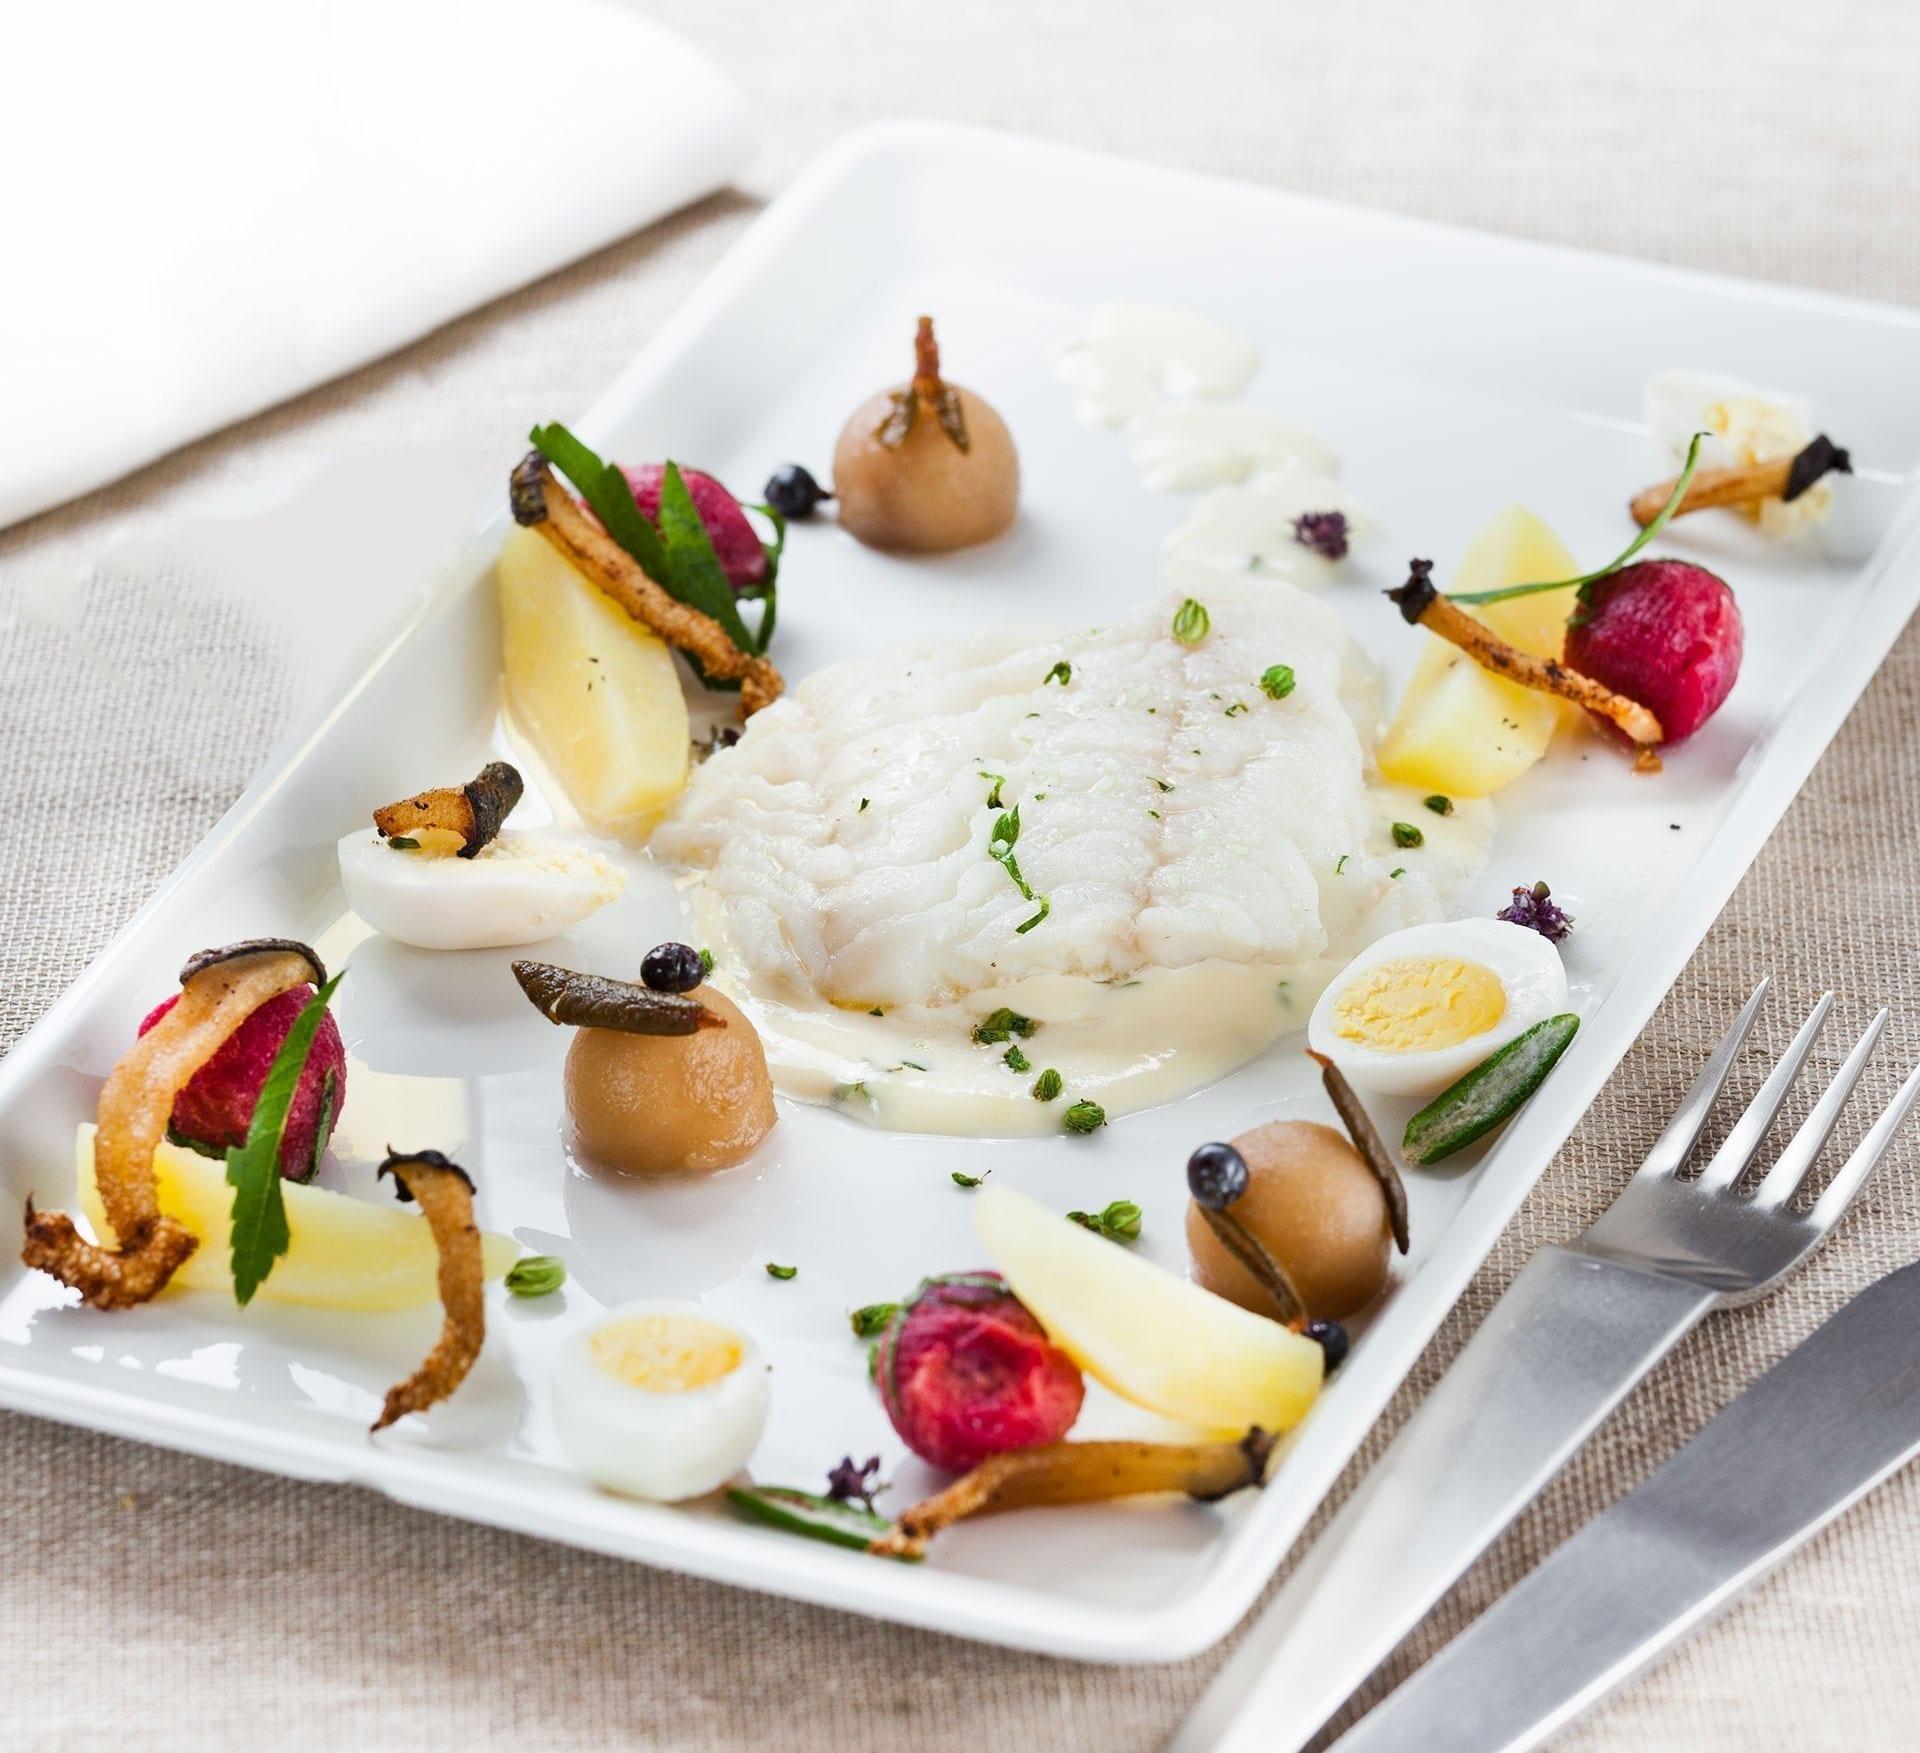 Letsaltet torsk med grønlandsk garniture serveret med æg